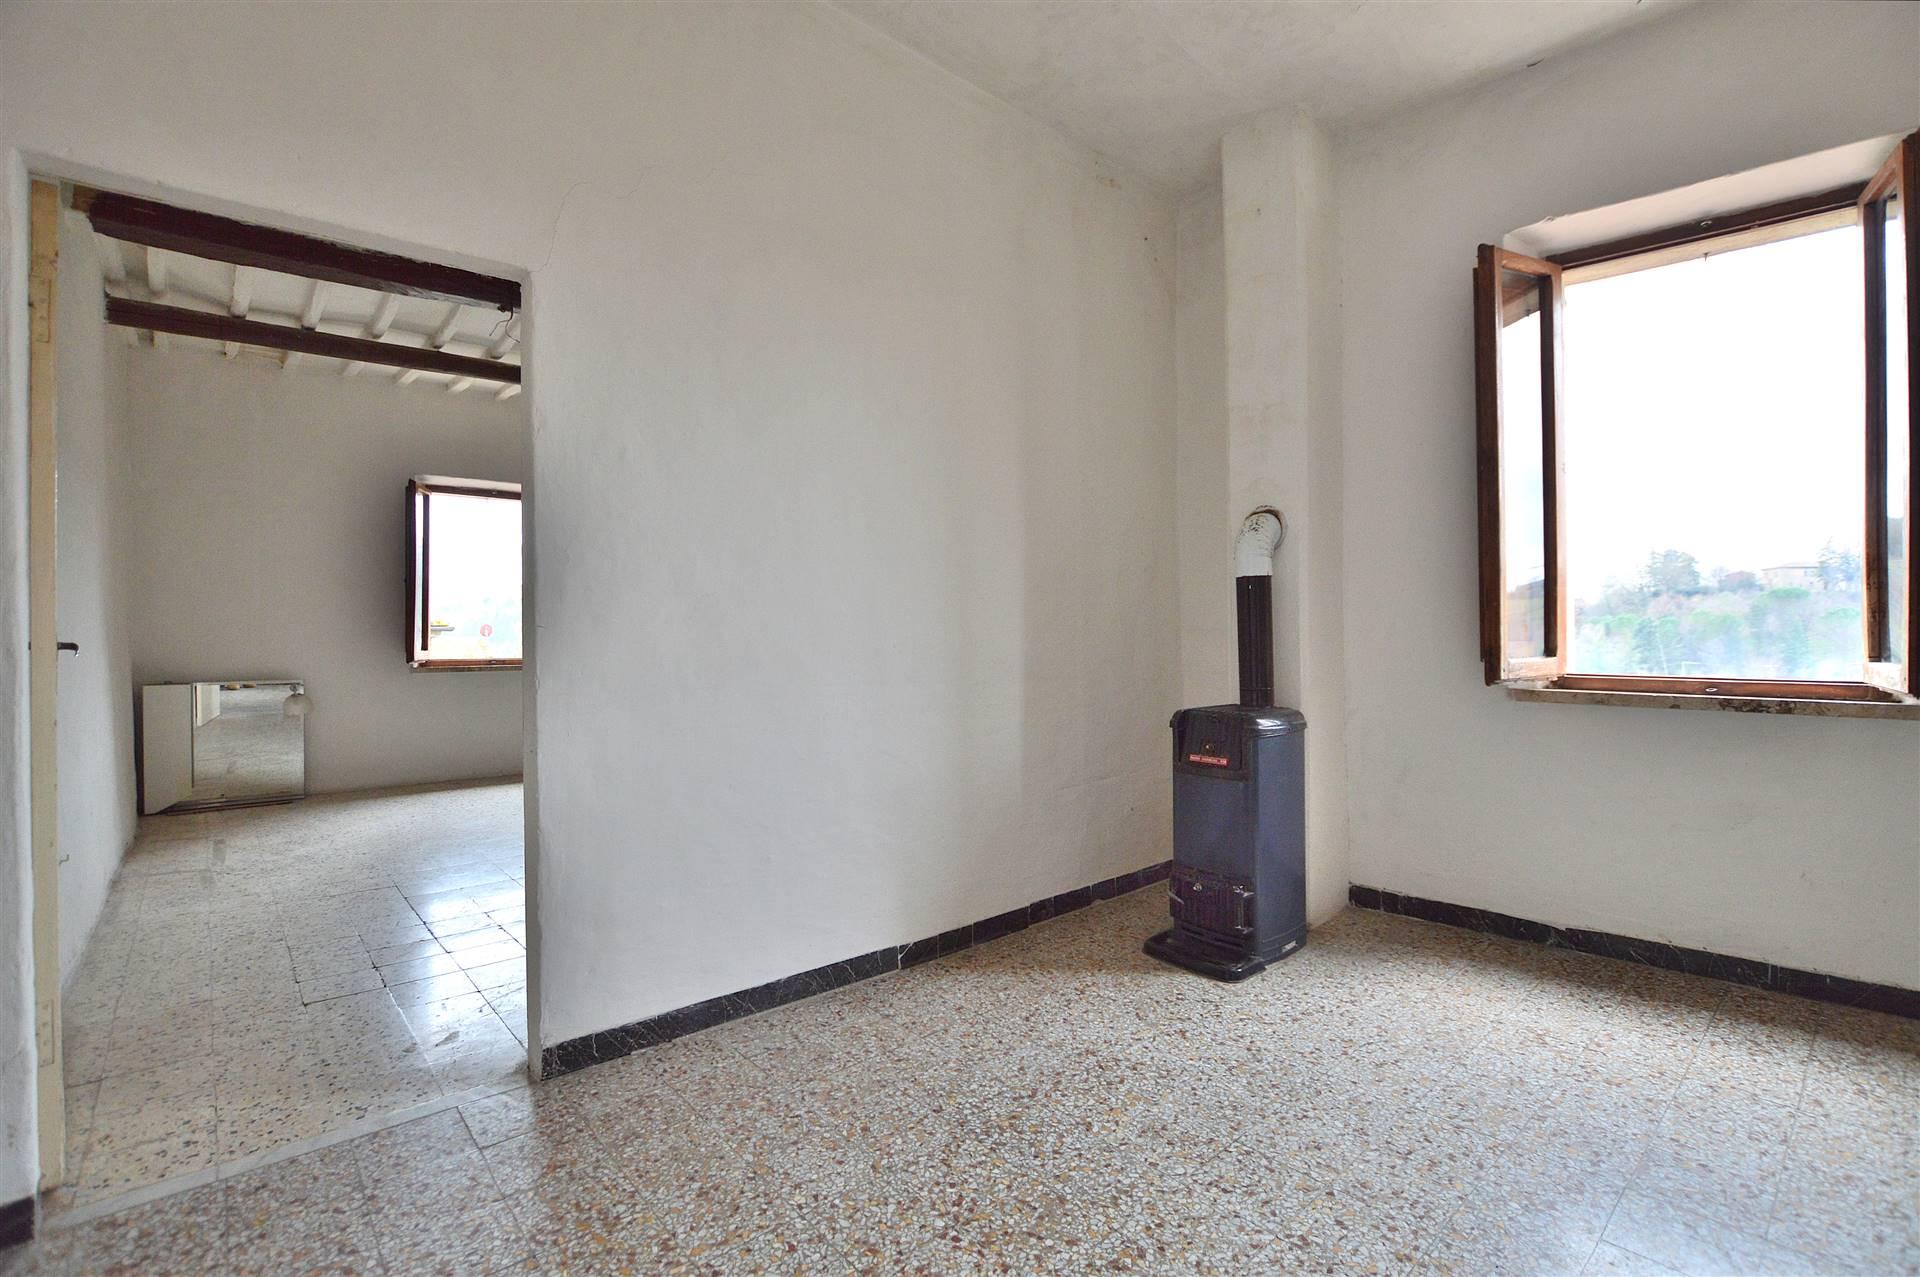 Asciano, in Centro Storico all'interno di un antico palazzo ottimamente conservato, proponiamo appartamento posto al terzo ed ultimo piano così